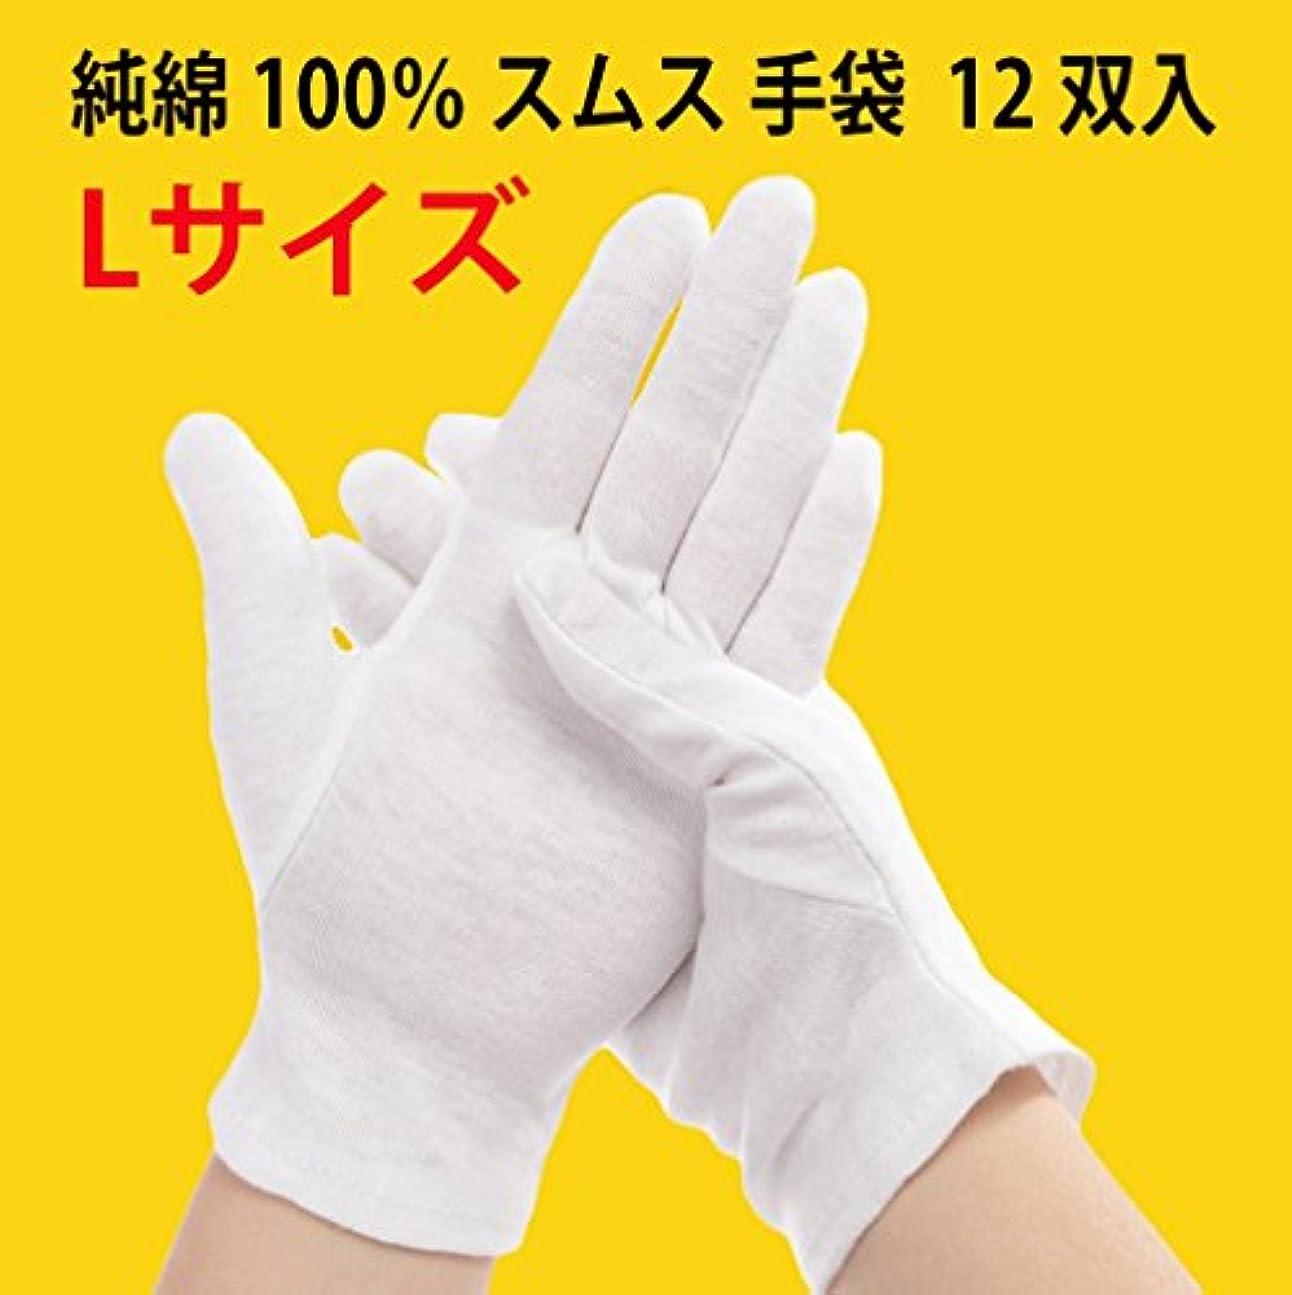 波紋主張する連邦純綿100% スムス 手袋 Lサイズ 12双 大人用 多用途 101117